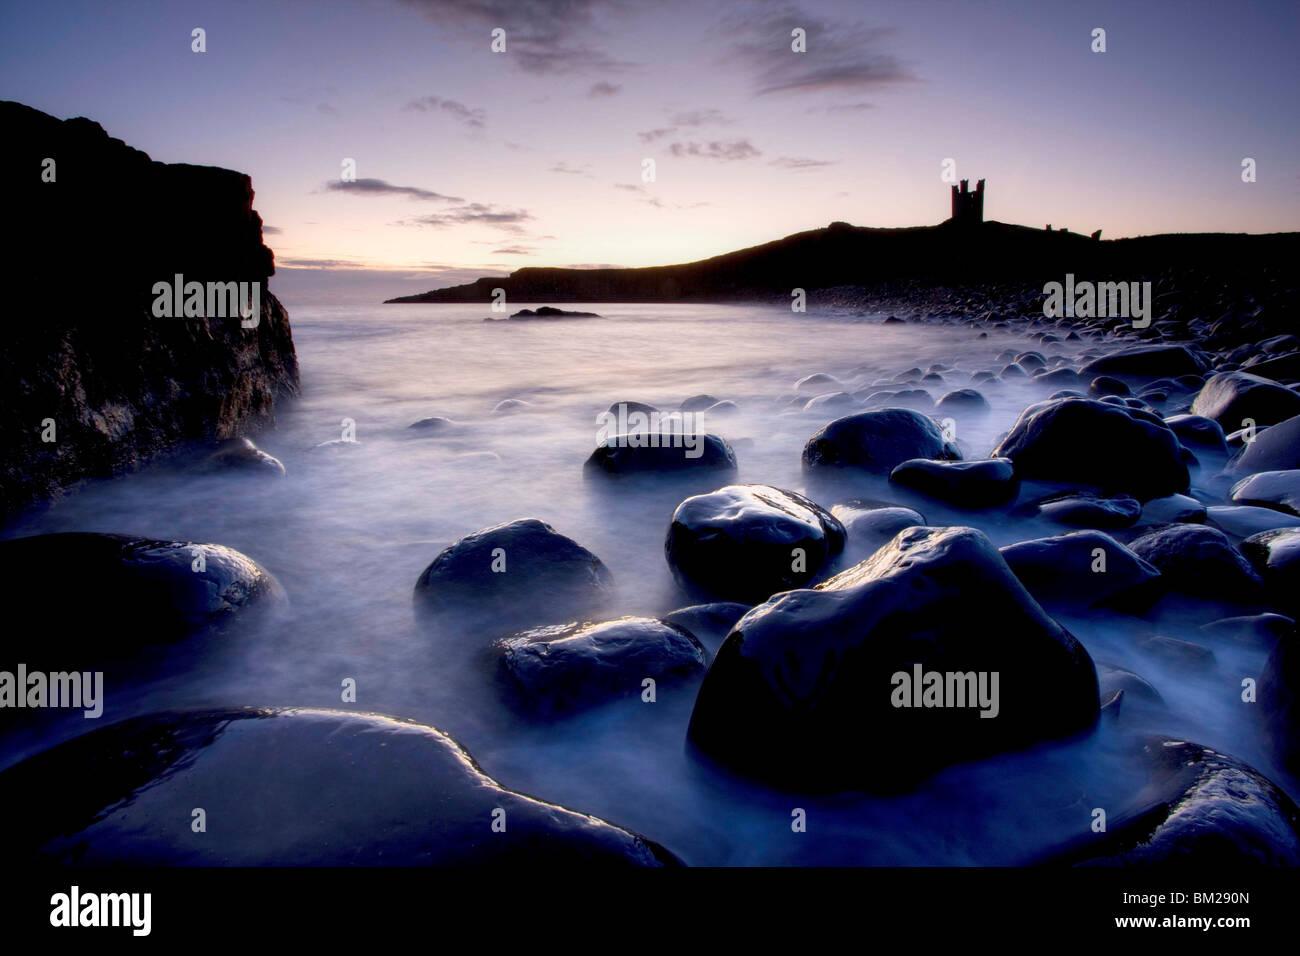 Vue sur le Churn Rumble à l'aube vers les ruines du château de Dunstanburgh, Embleton Bay, Northumberland, Photo Stock